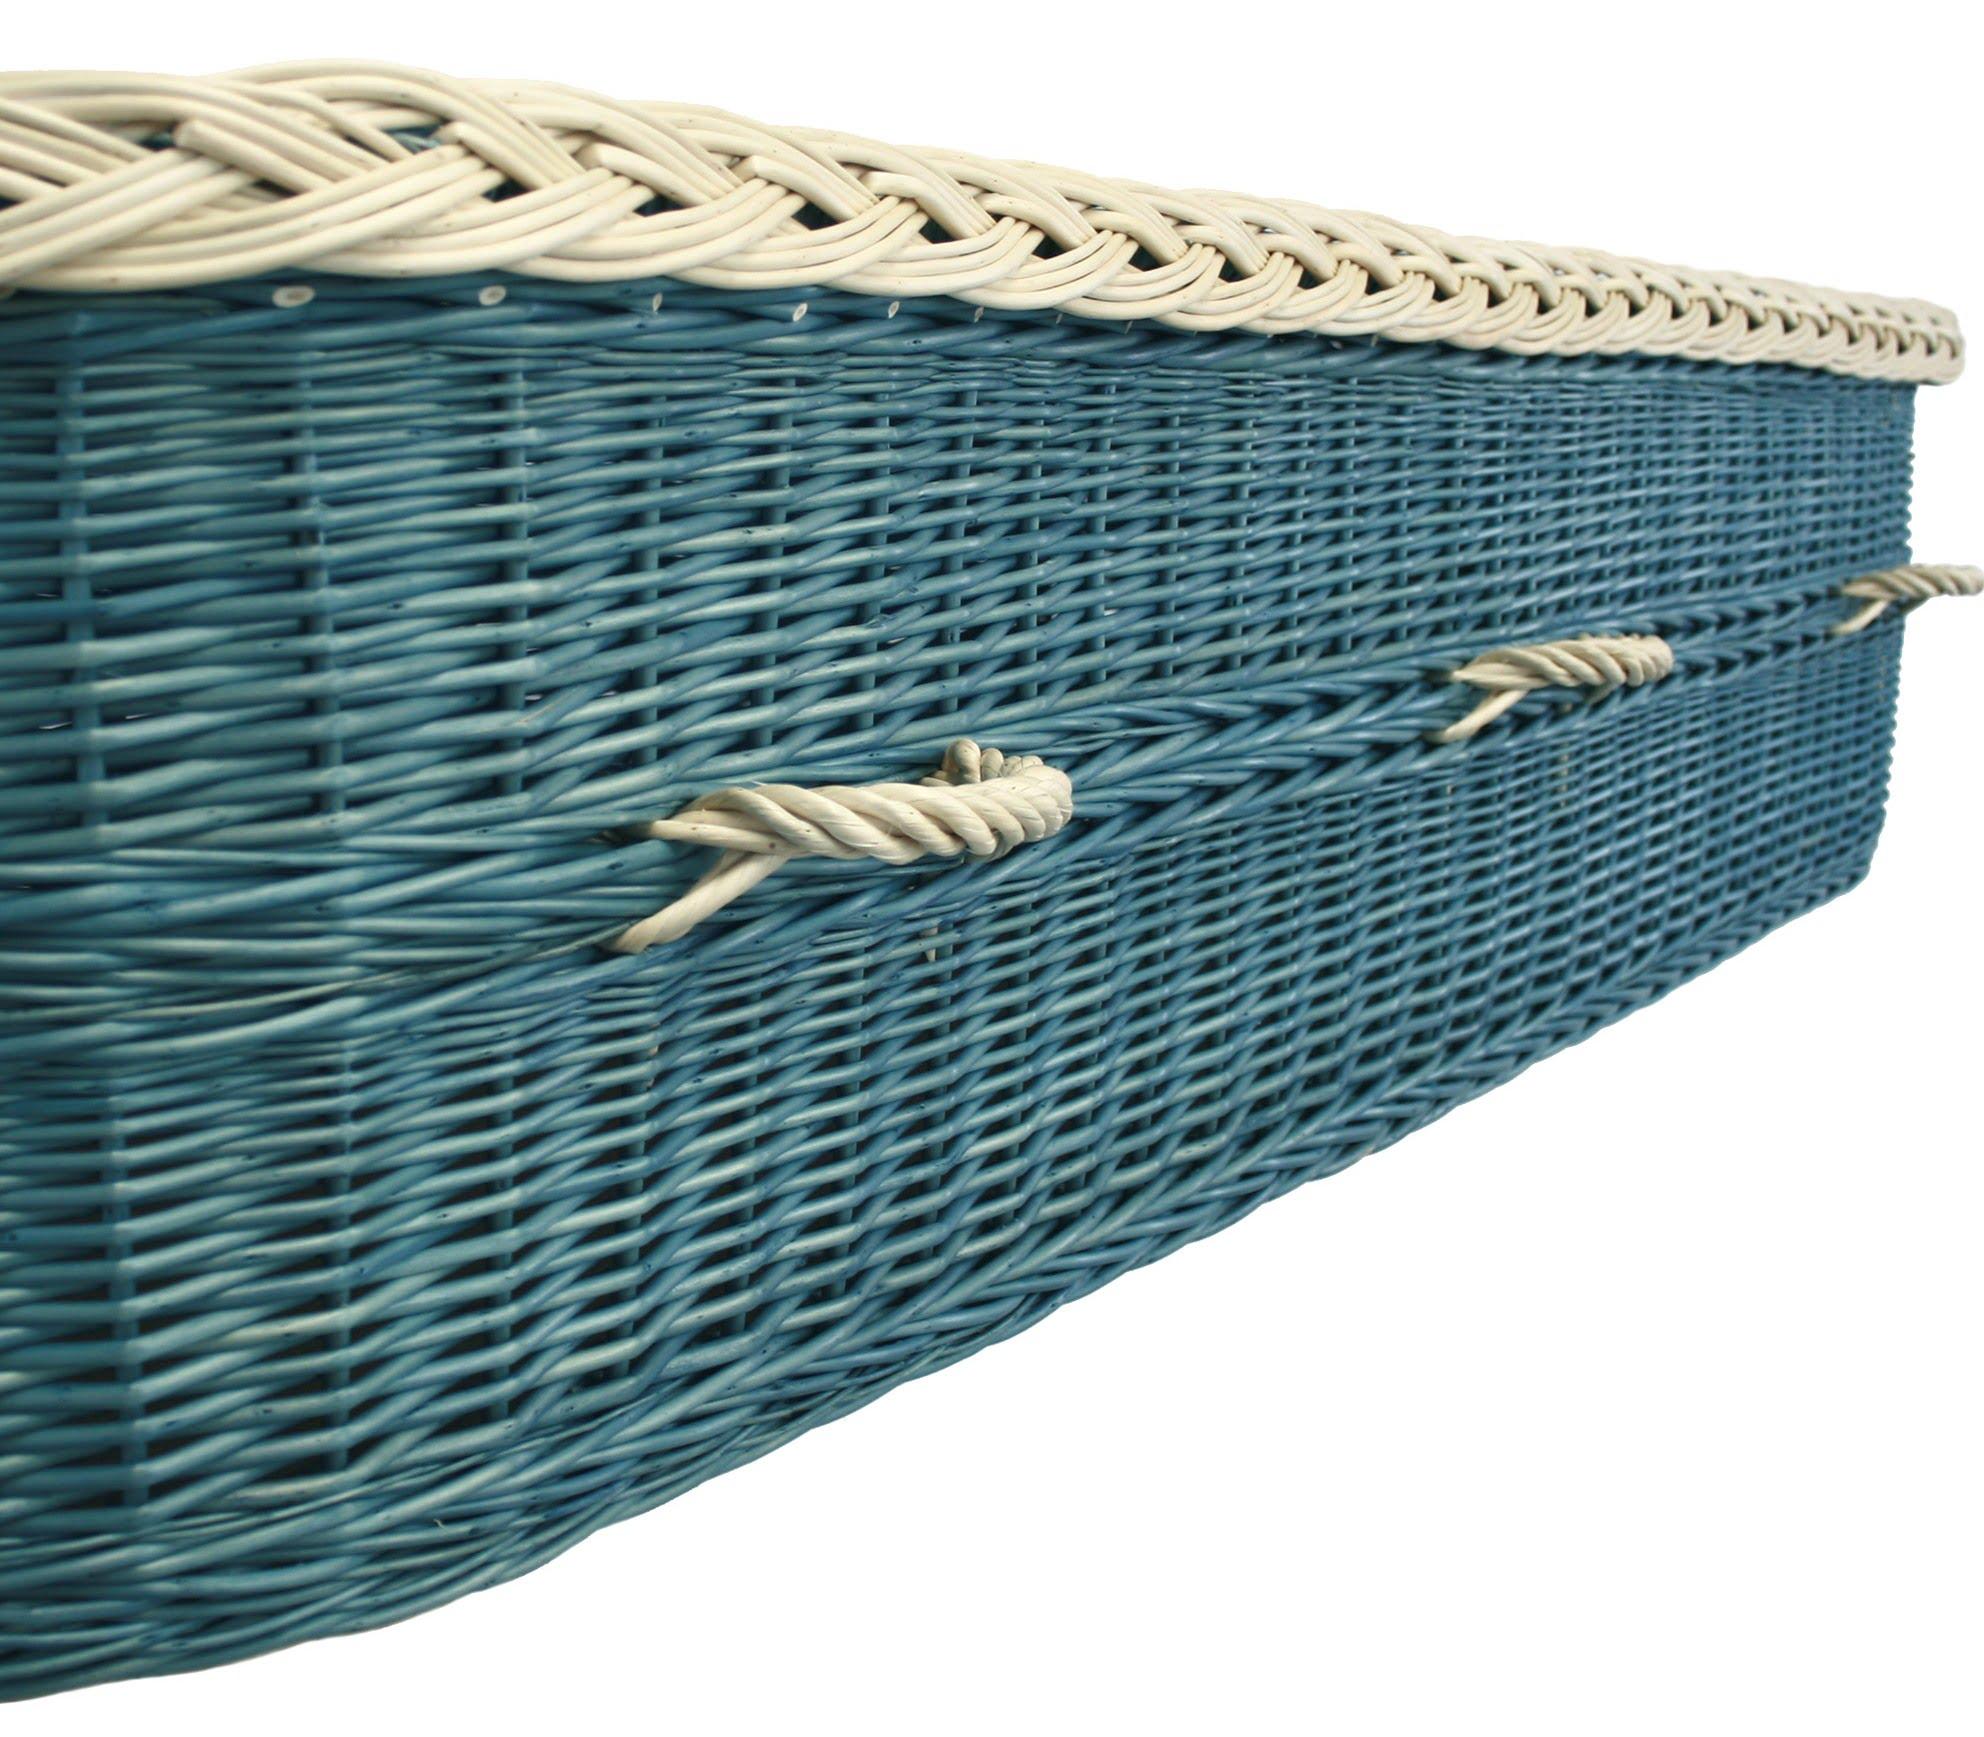 Bio willow coffins